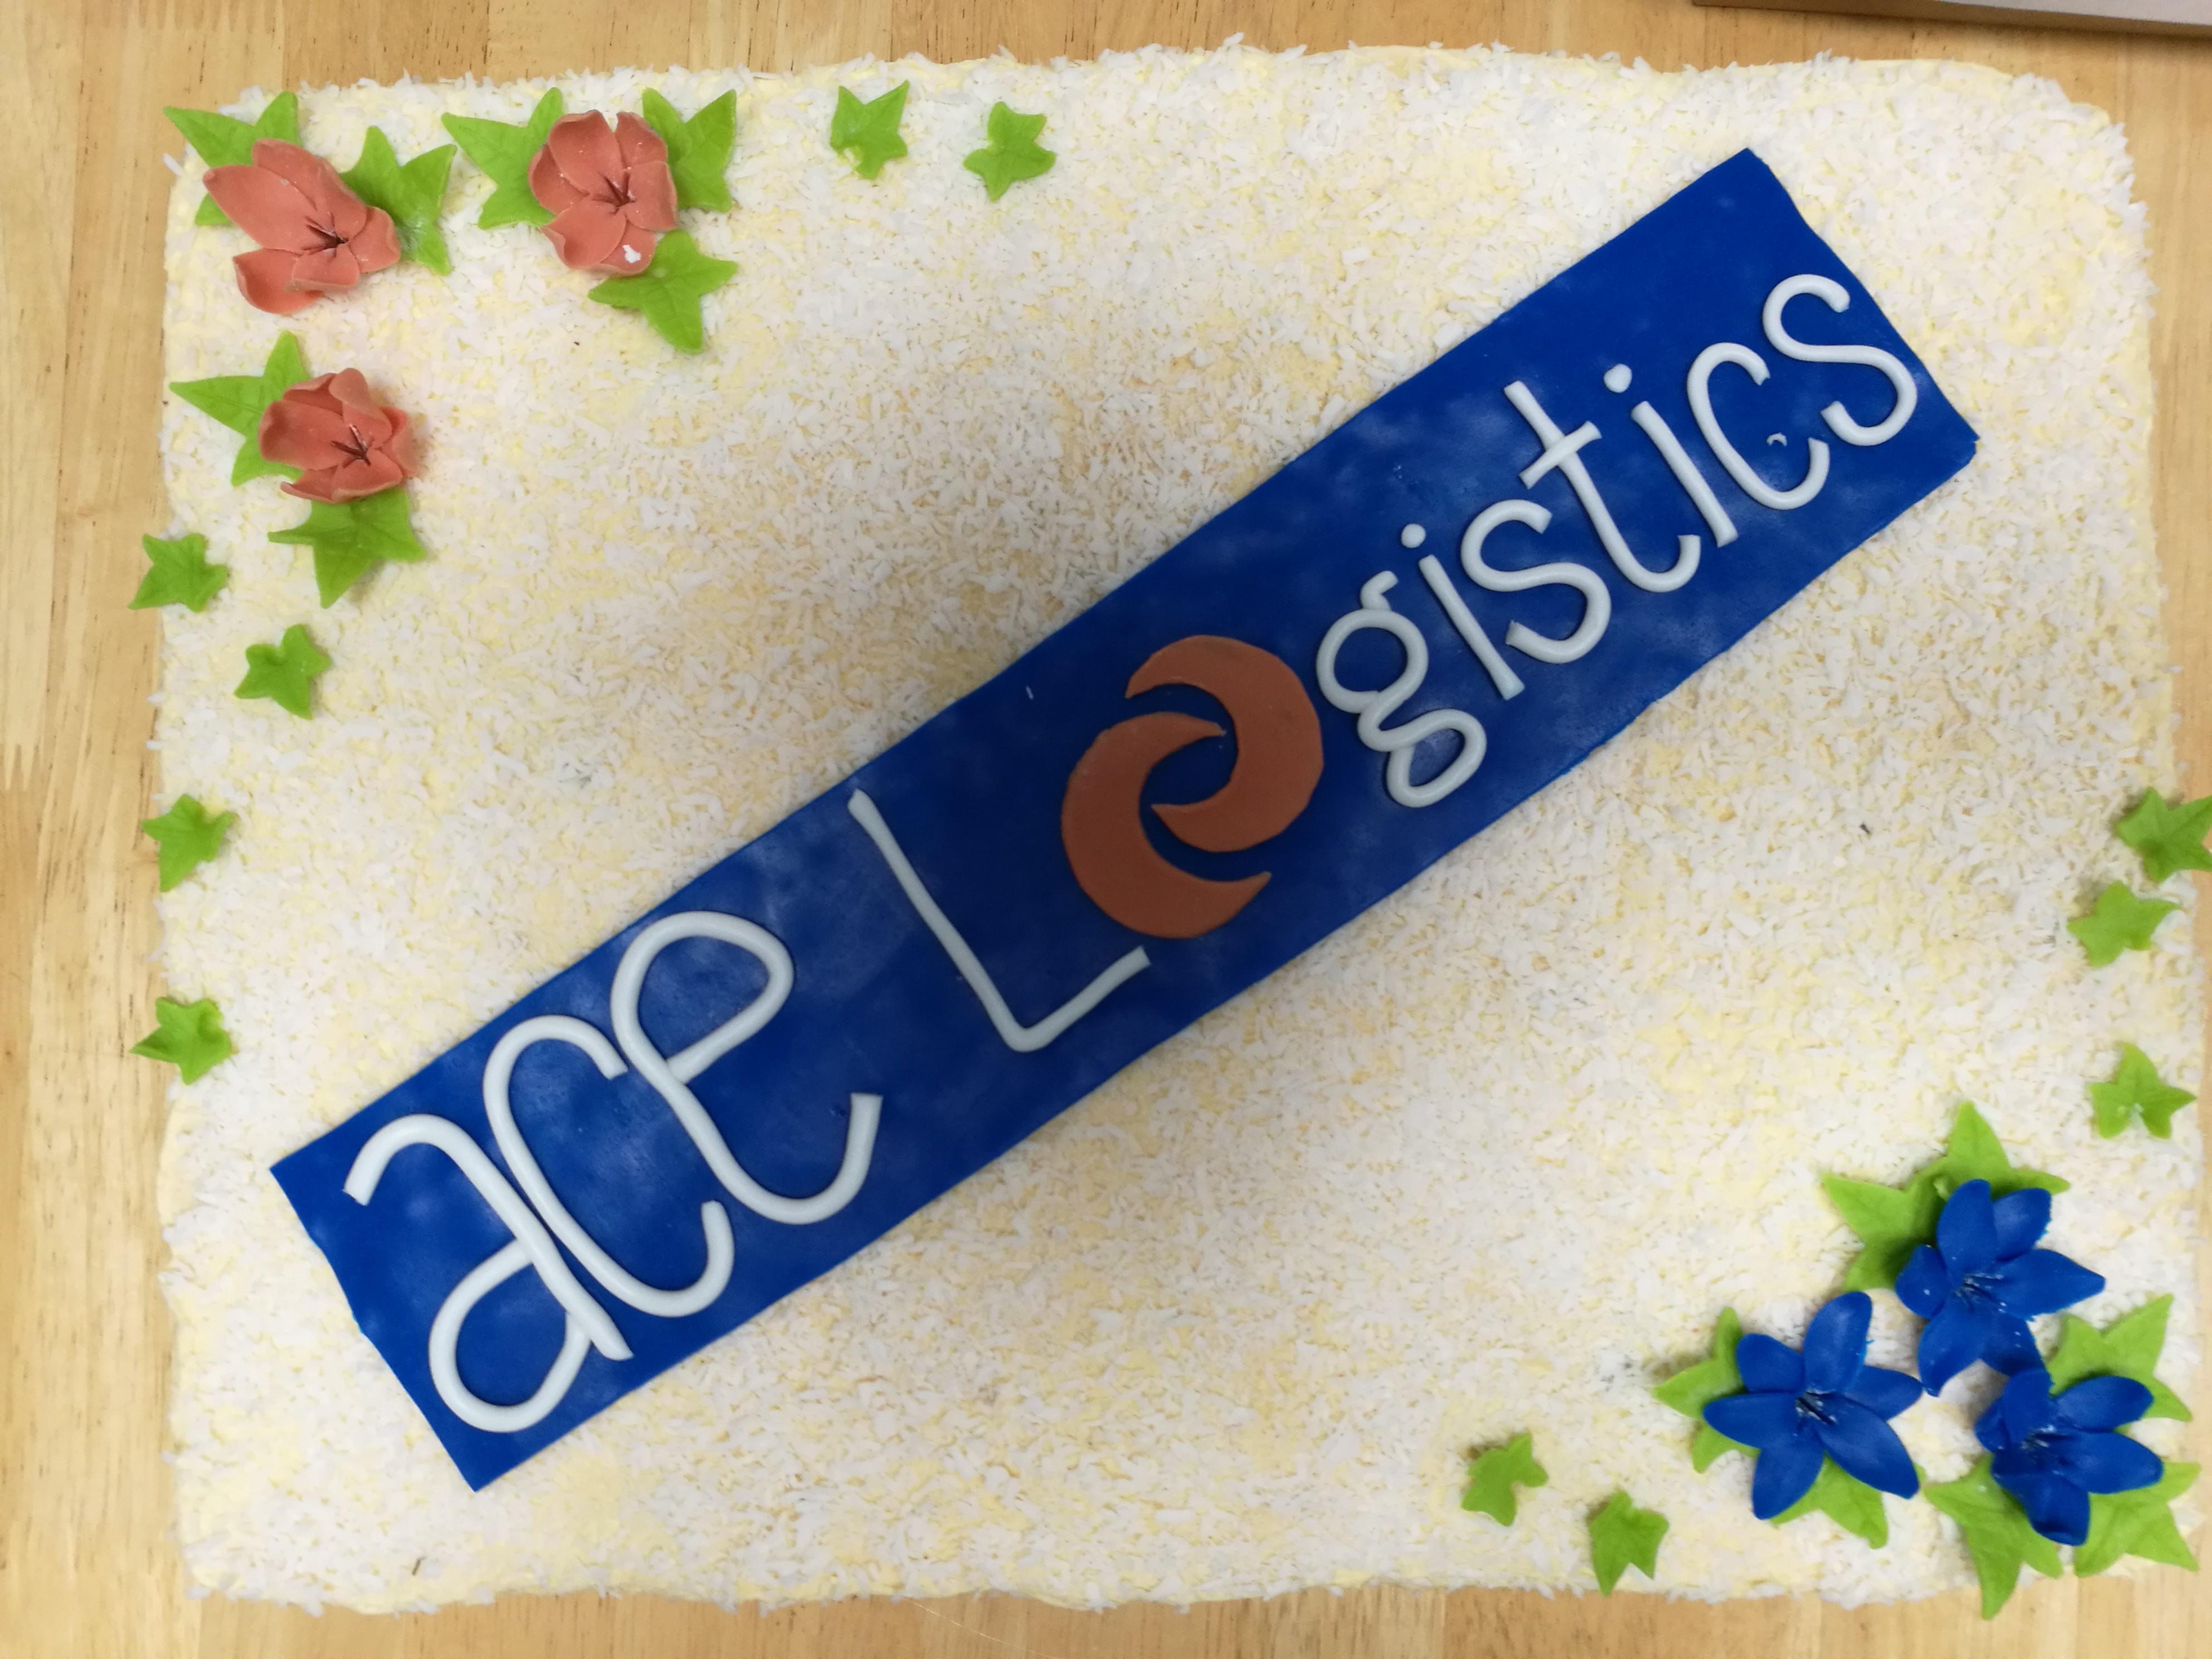 torte ar ace Logistics logo